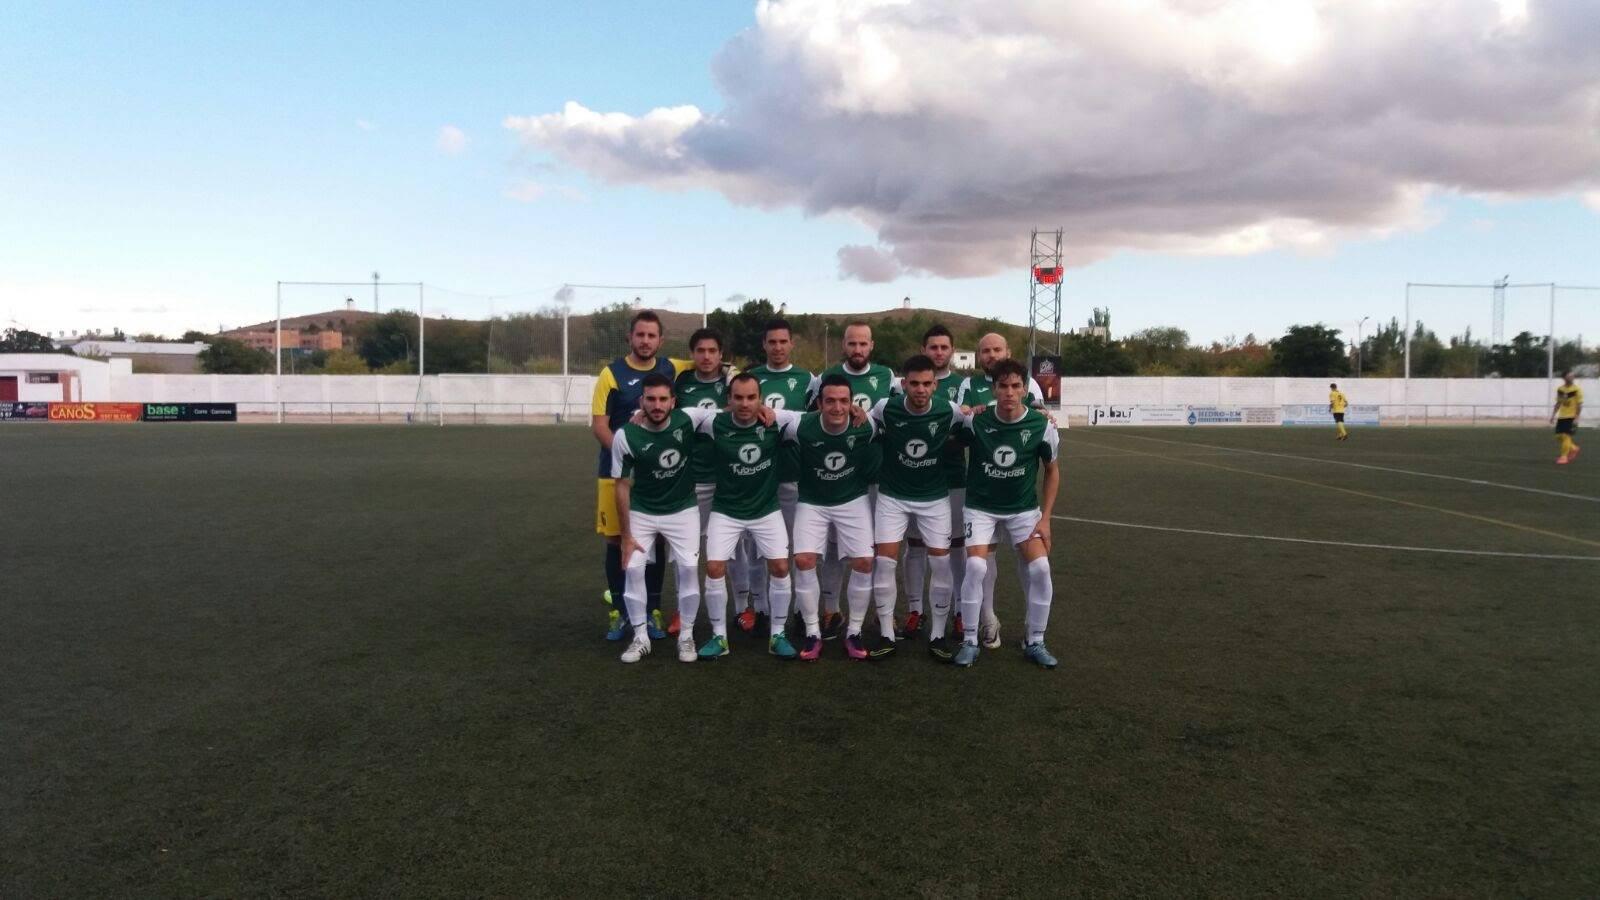 herencia-club-de-futbol-partido-5-noviembre-2016